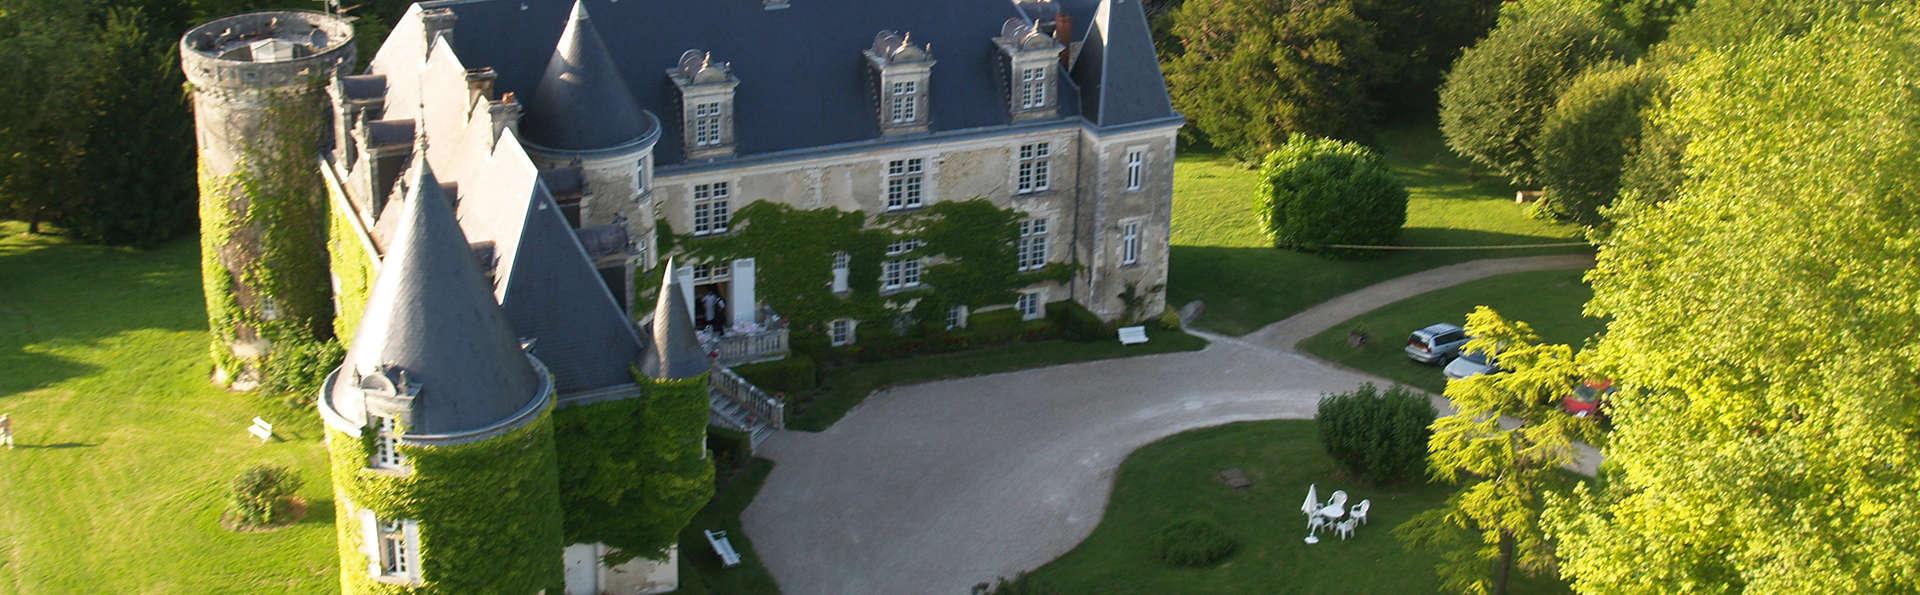 Château de La Côte - EDIT_front.jpg